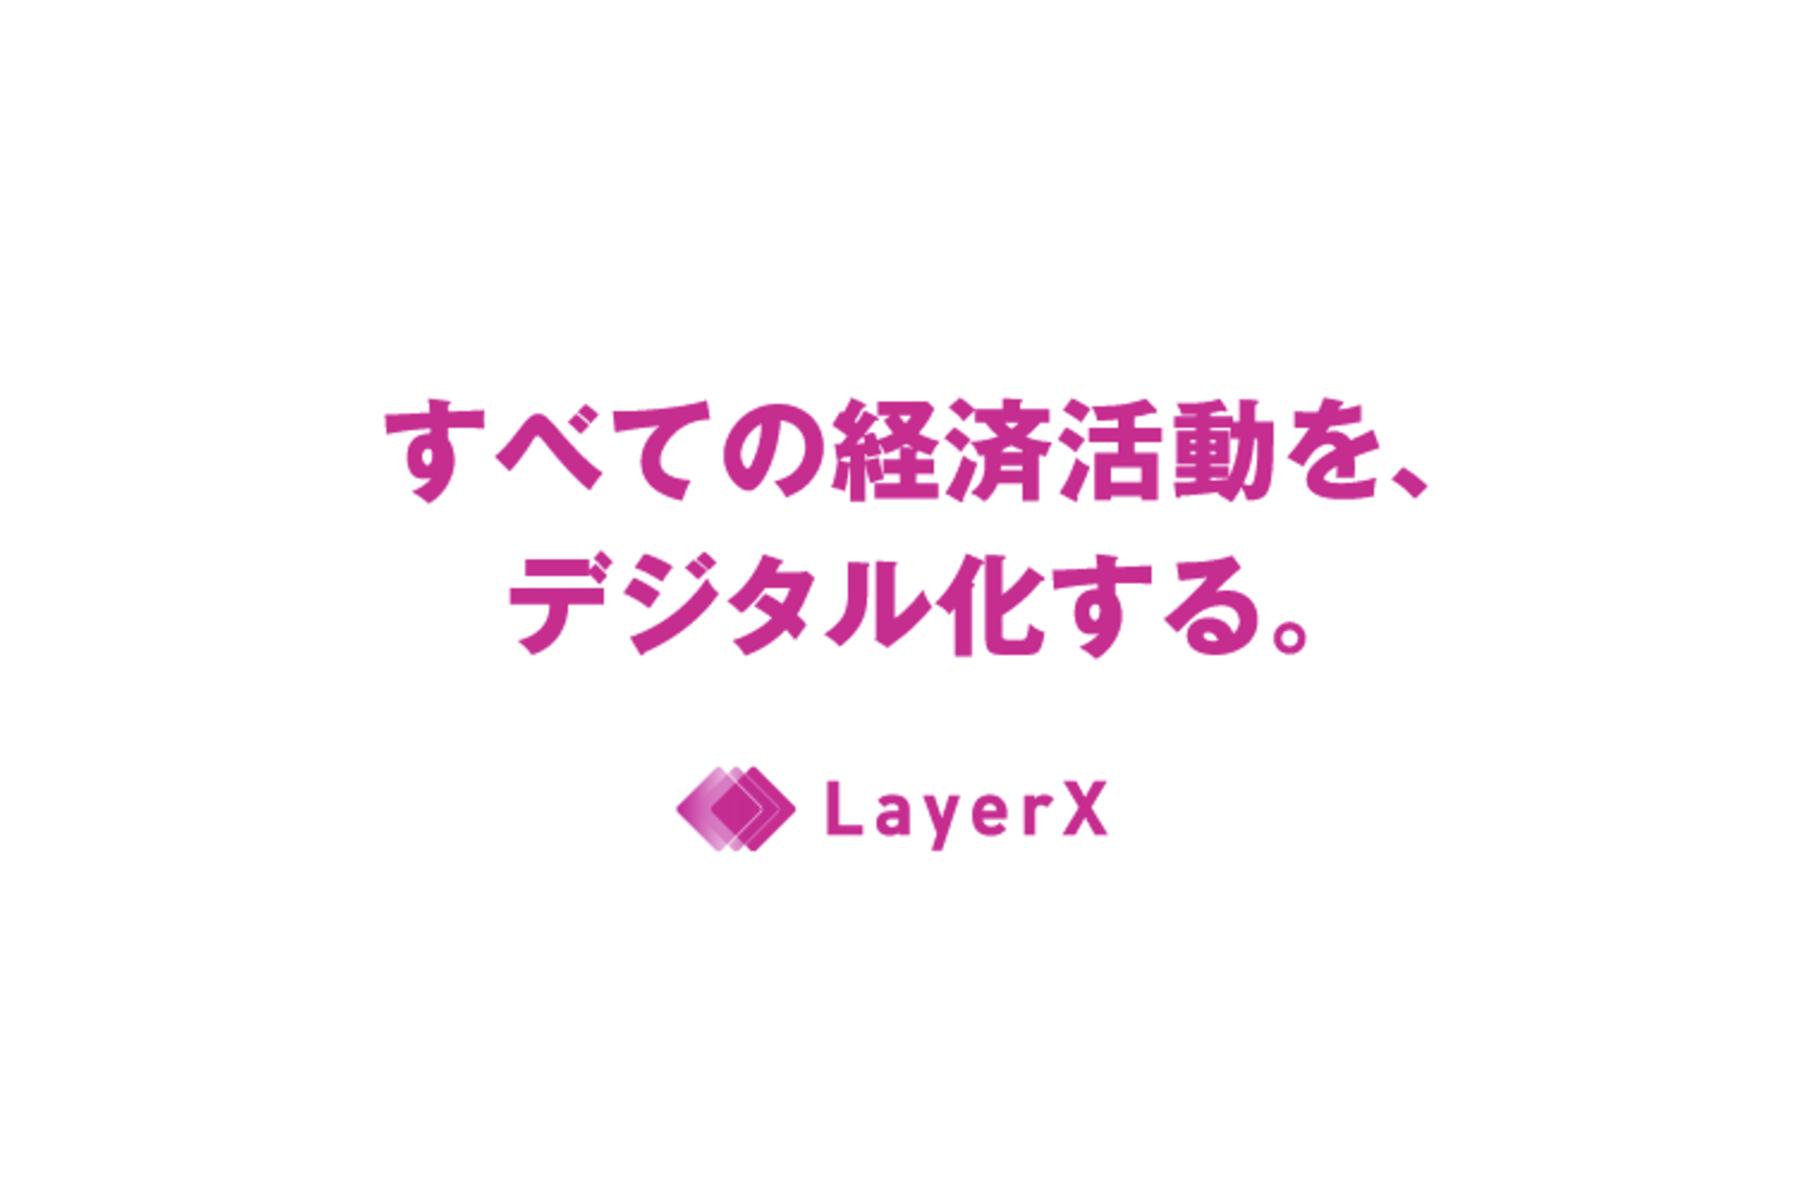 大企業・行政機関等のデジタル化を推進するLayerX、30億円を資金調達